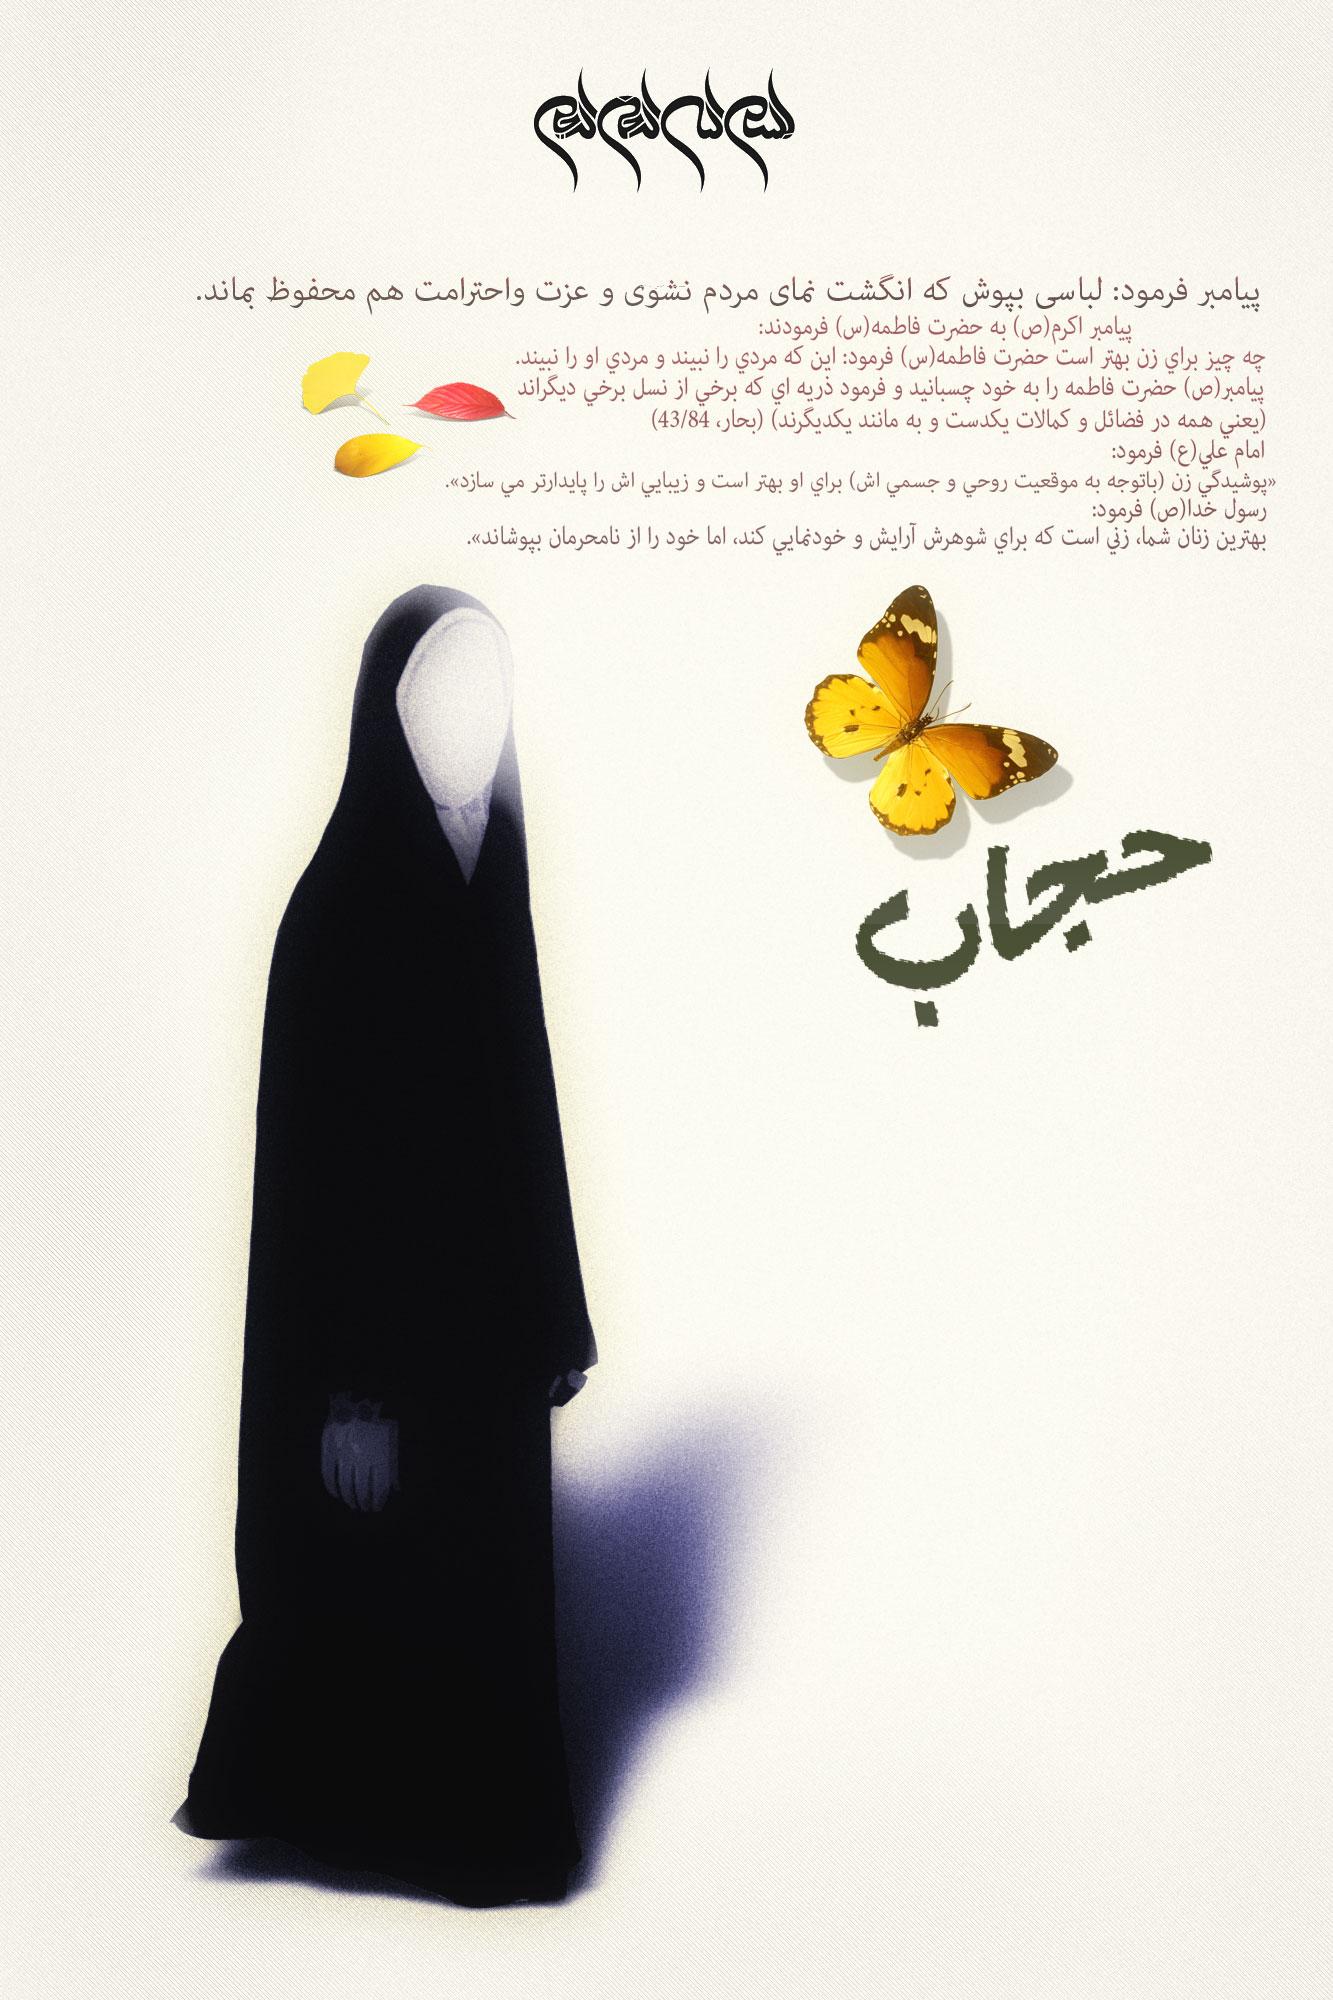 حجاب از دیدگاه یک معصوم«ص»